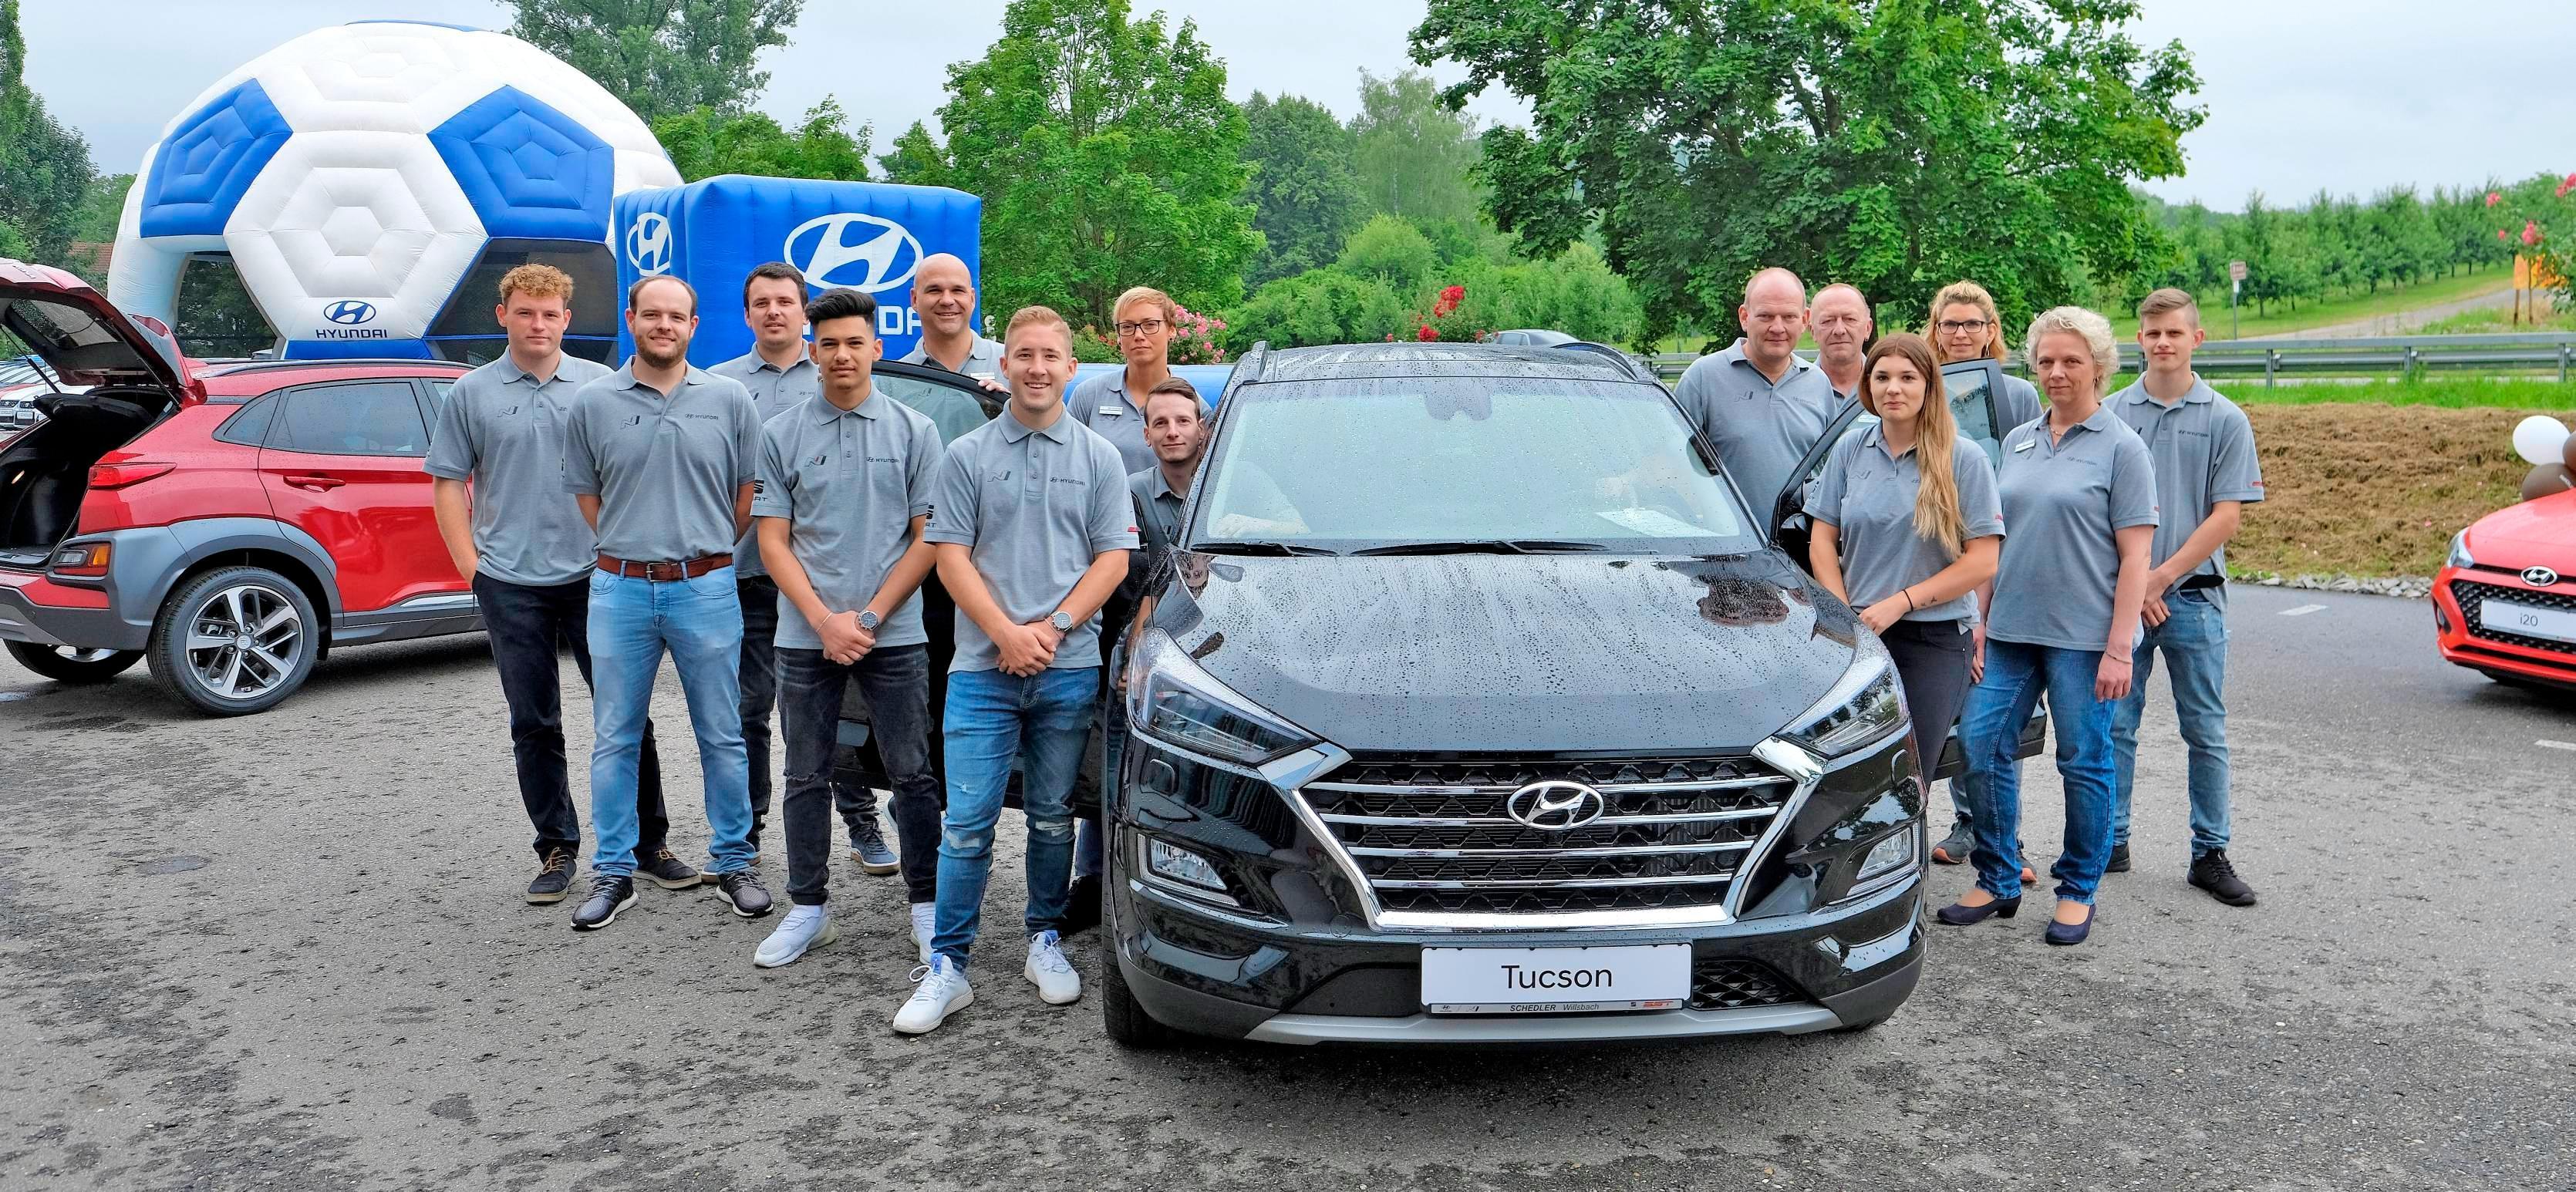 Das kompetente und freundliche Team des Autohauses Schedler in Obersulm-Willsbach bietet nun einen Rund-um-Service für Neu- und Gebrauchtwagen der Marke Hyundai an. Fotos: Dennis Mugler